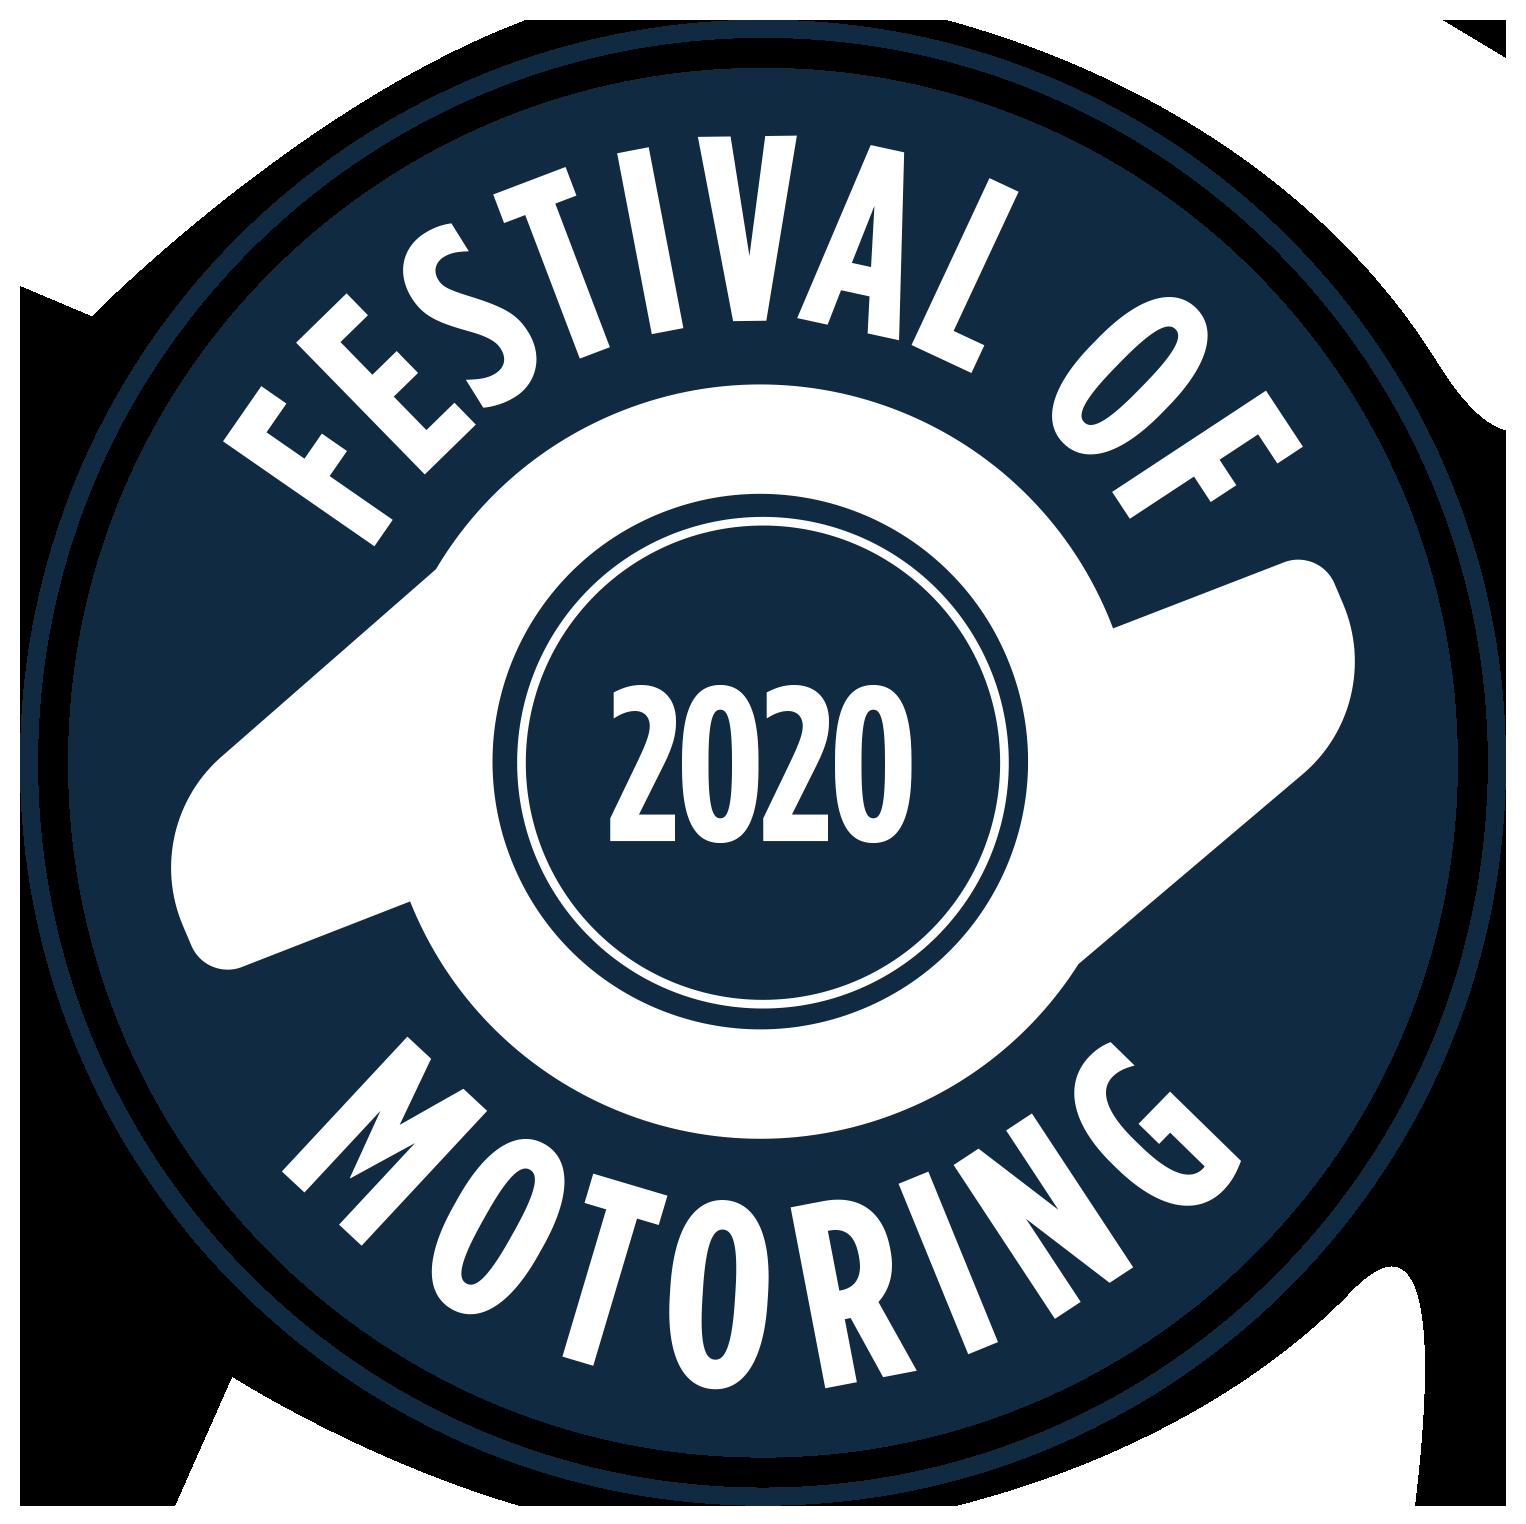 Festival Of Motoring 2020